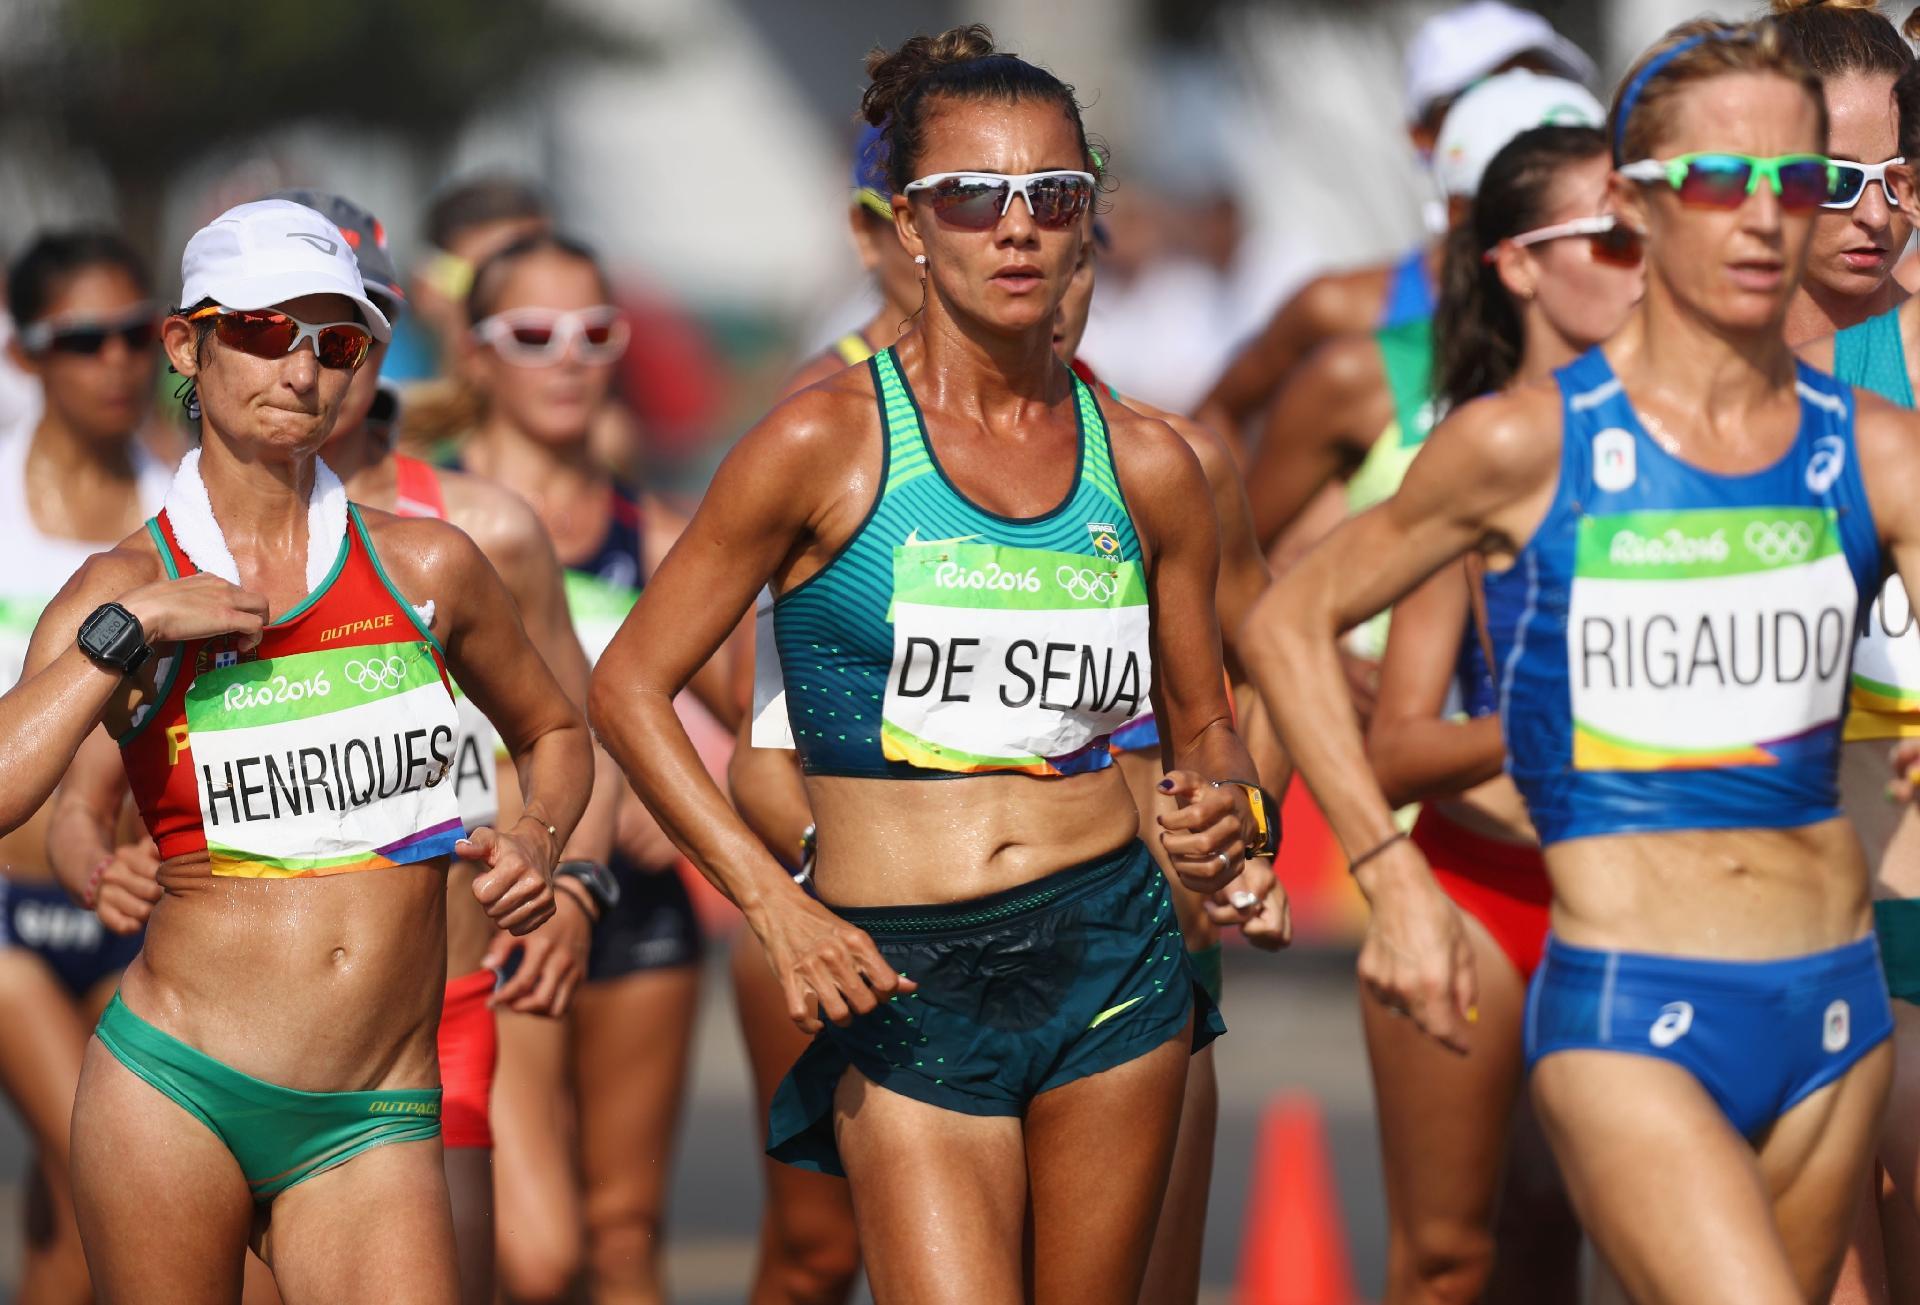 erica-de-sena-chega-no-7-lugar-na-marcha-atletica-de-20-km-na-rio-2016-1471637281574_v2_1920x1305